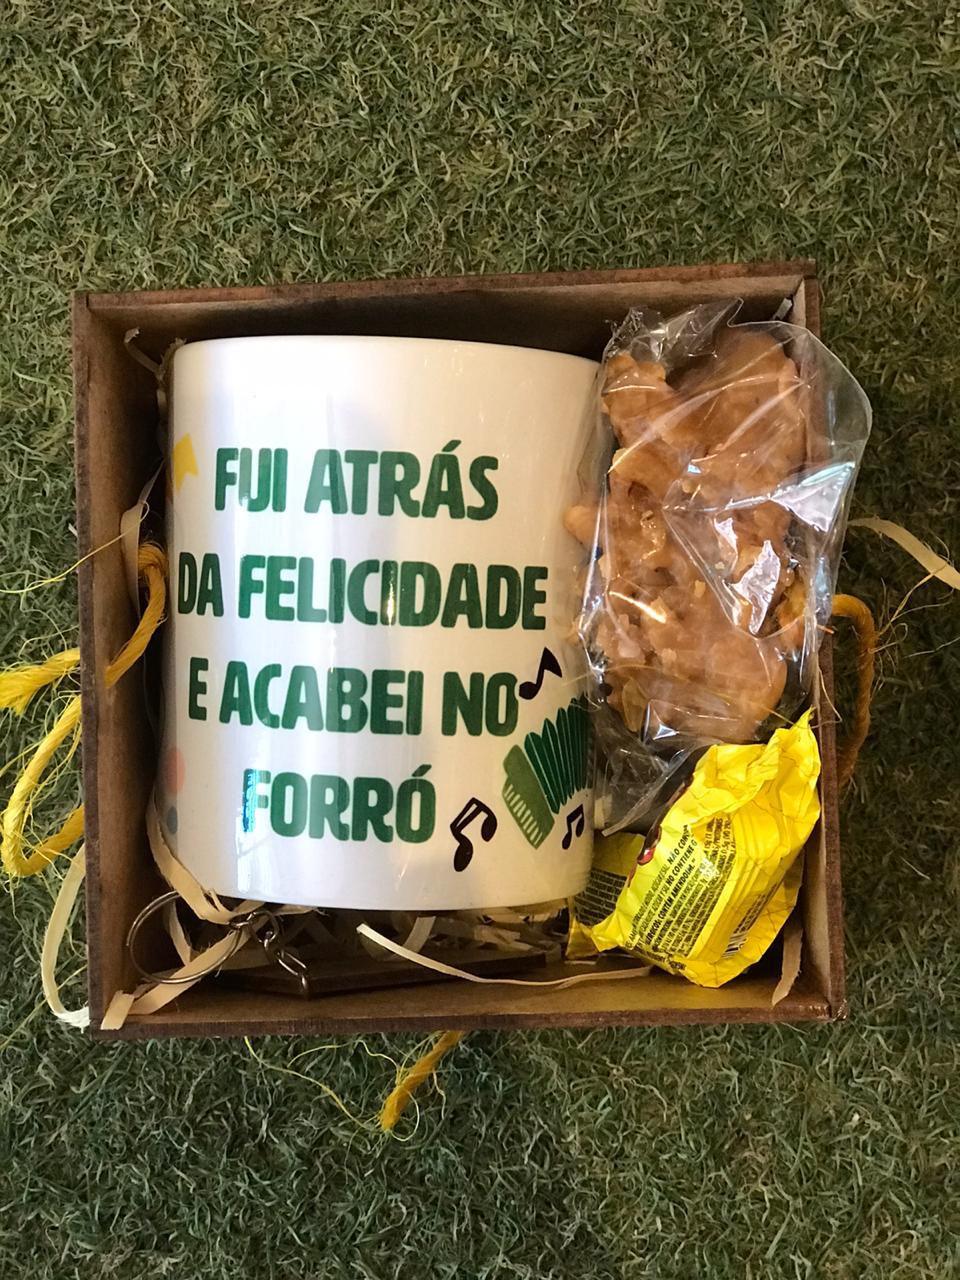 Kit Caneca Junina Foró + Caixa mdf + Doces